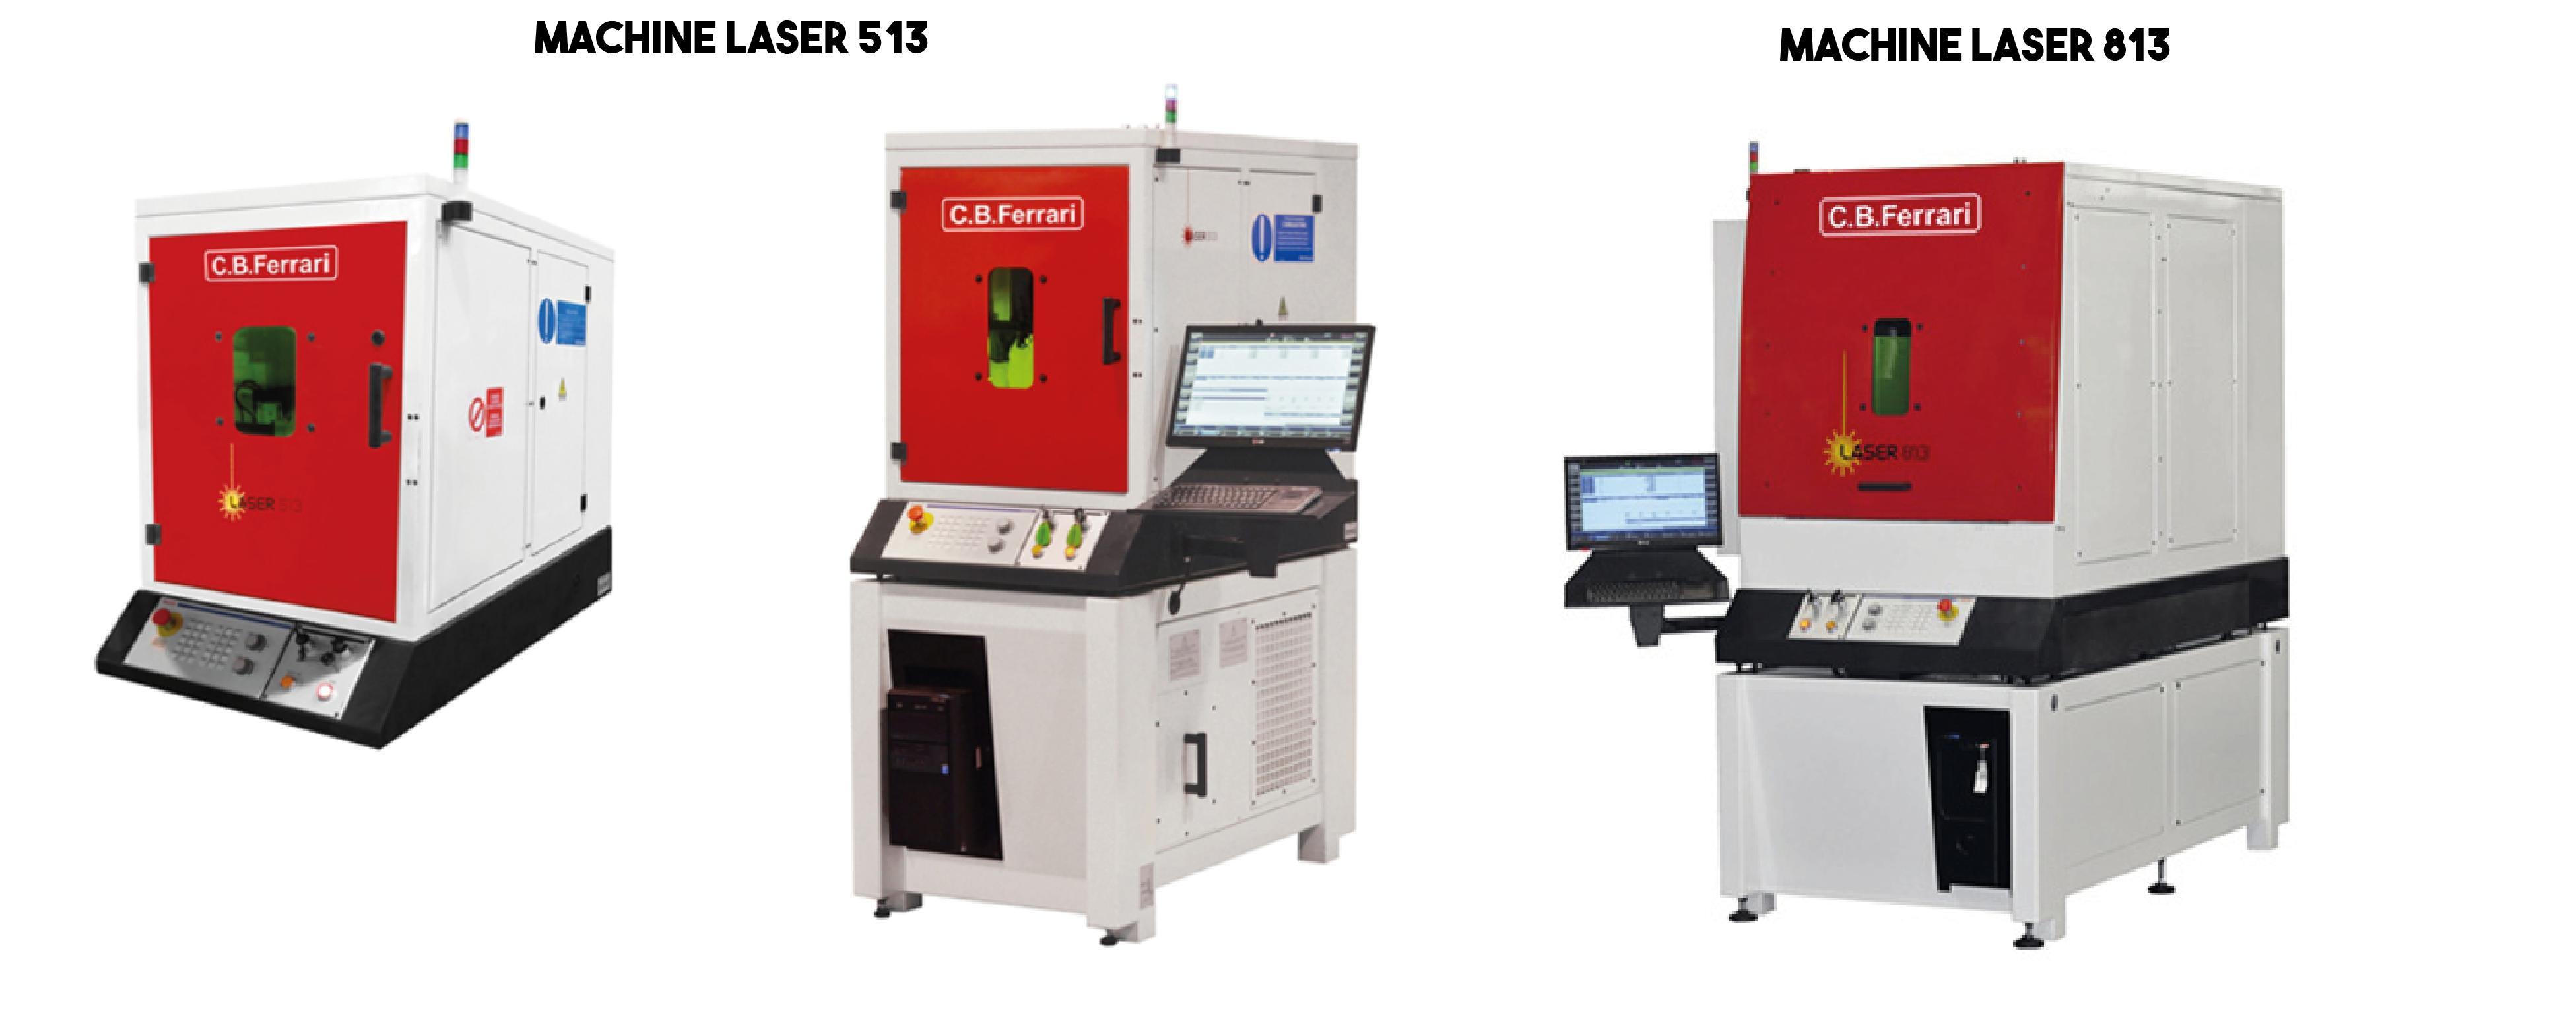 Machine laser 513, 813